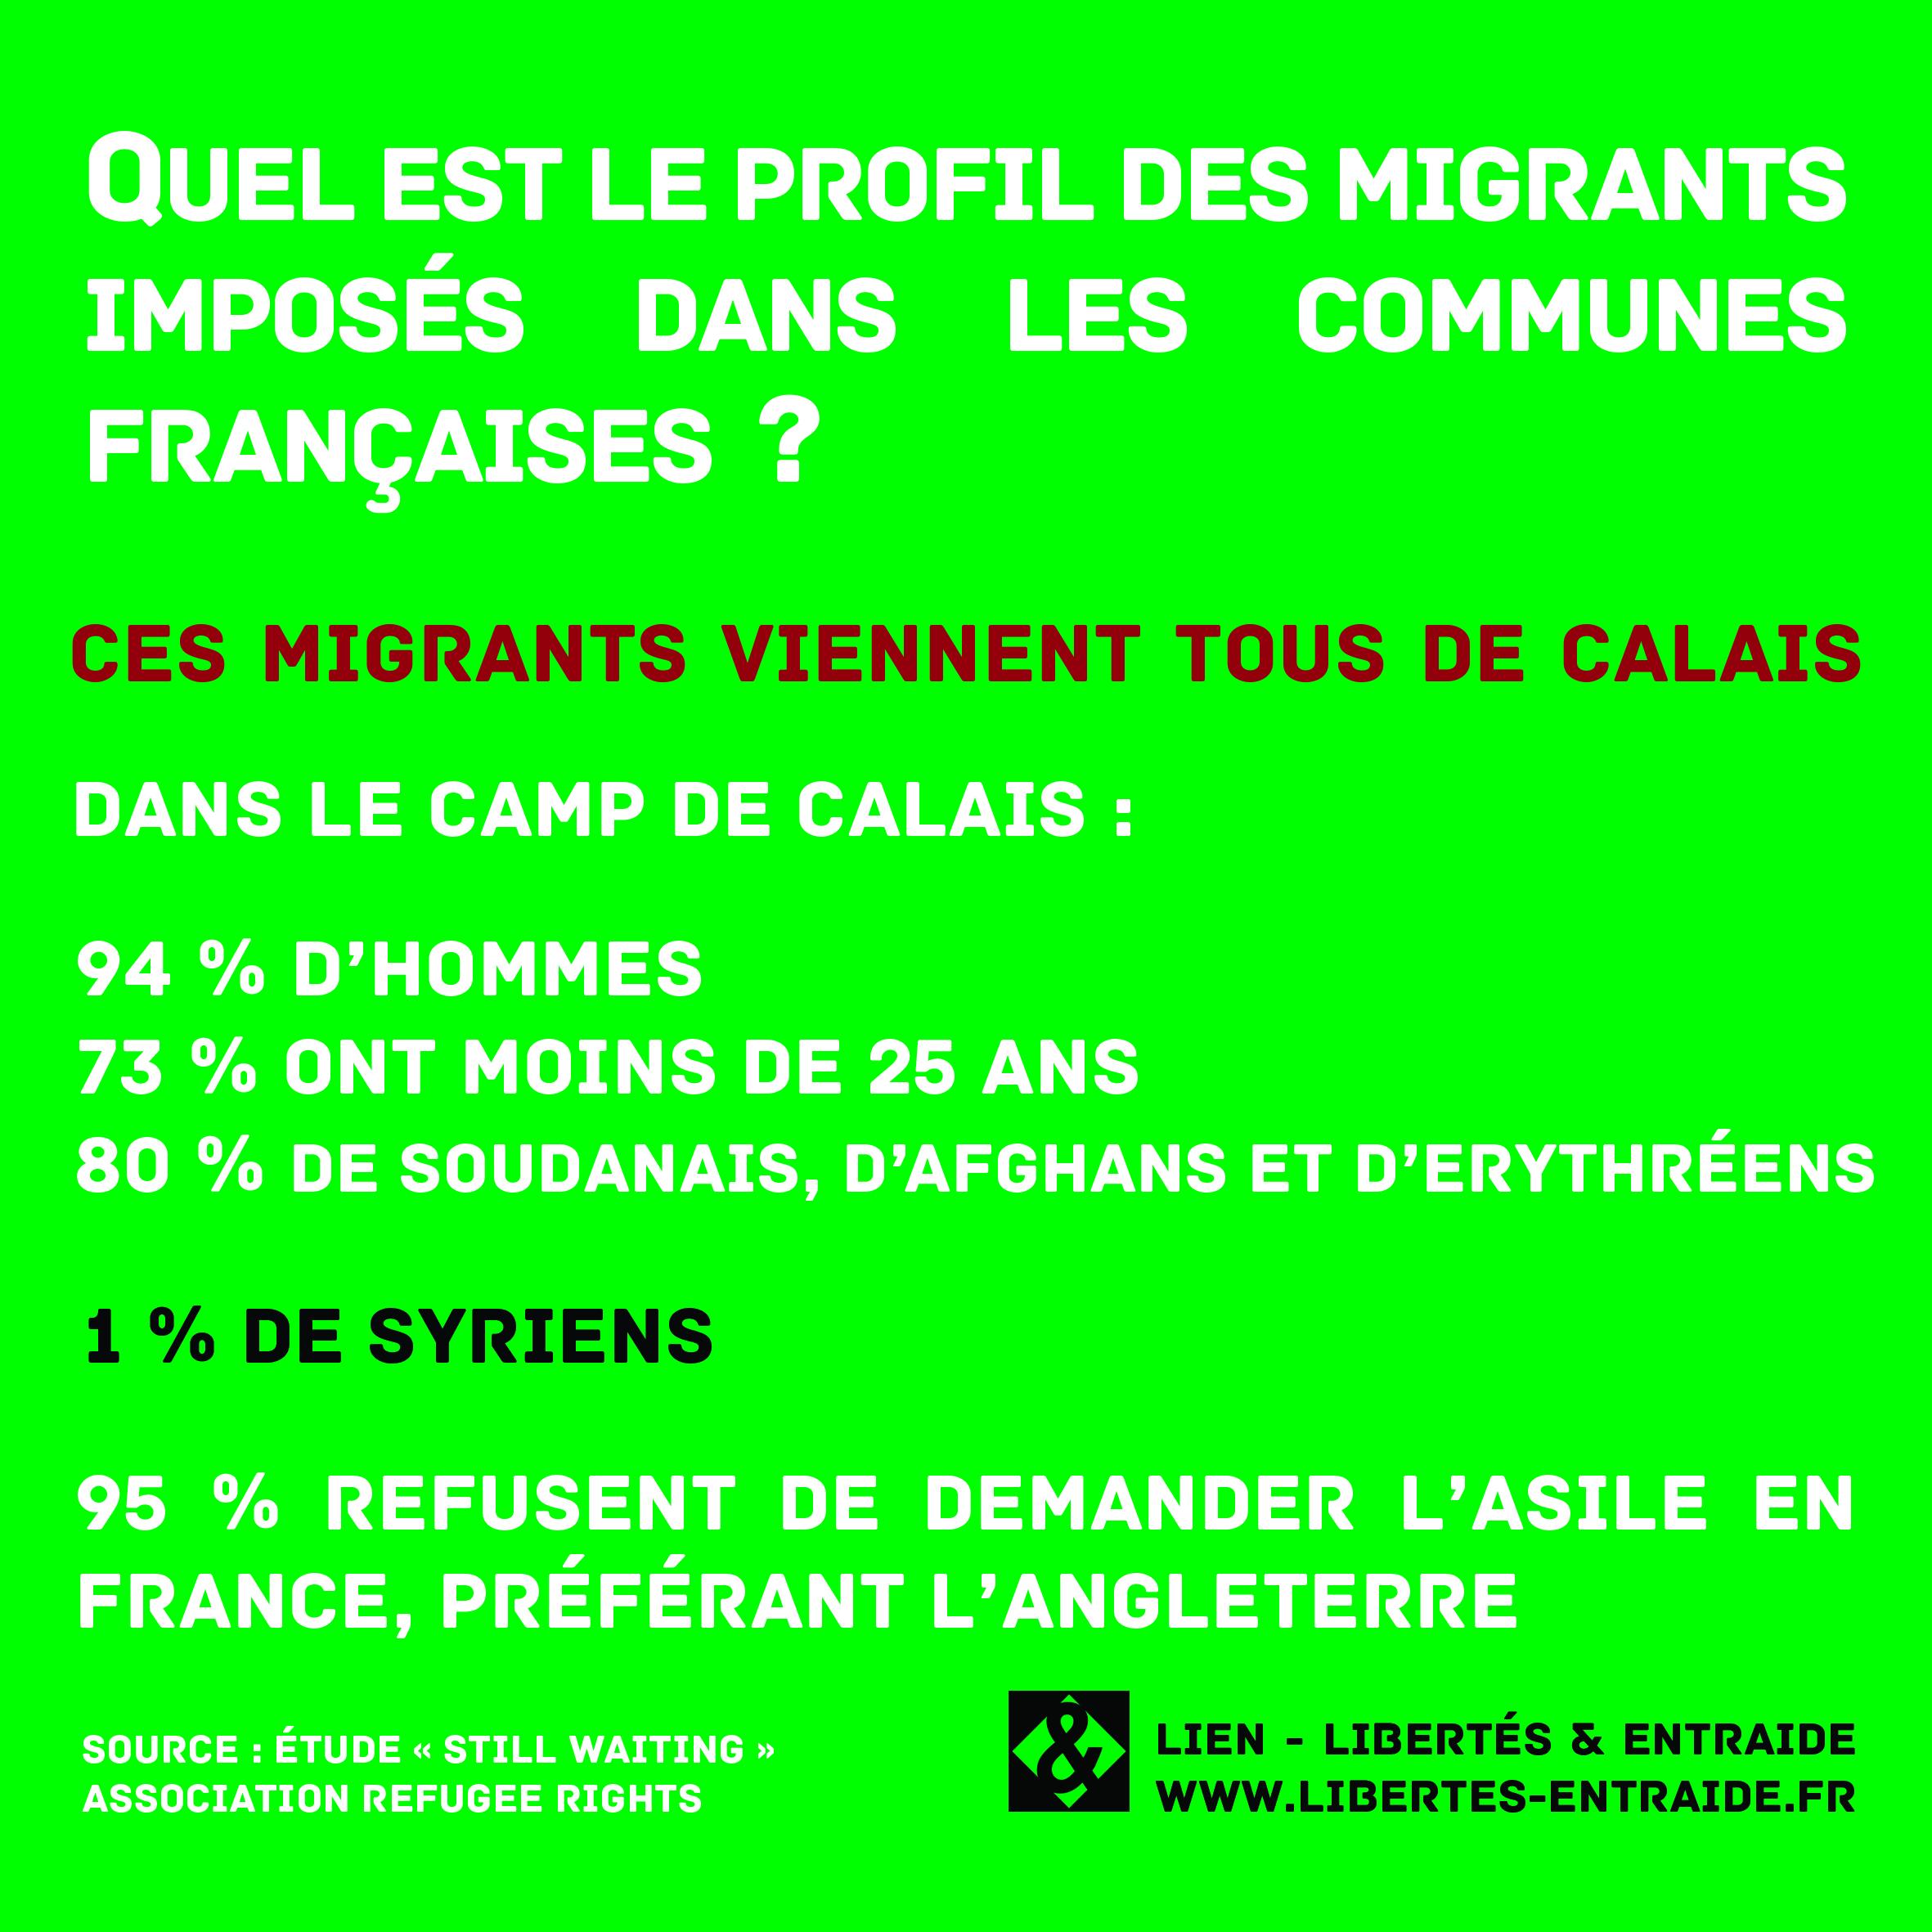 Profilmigrants